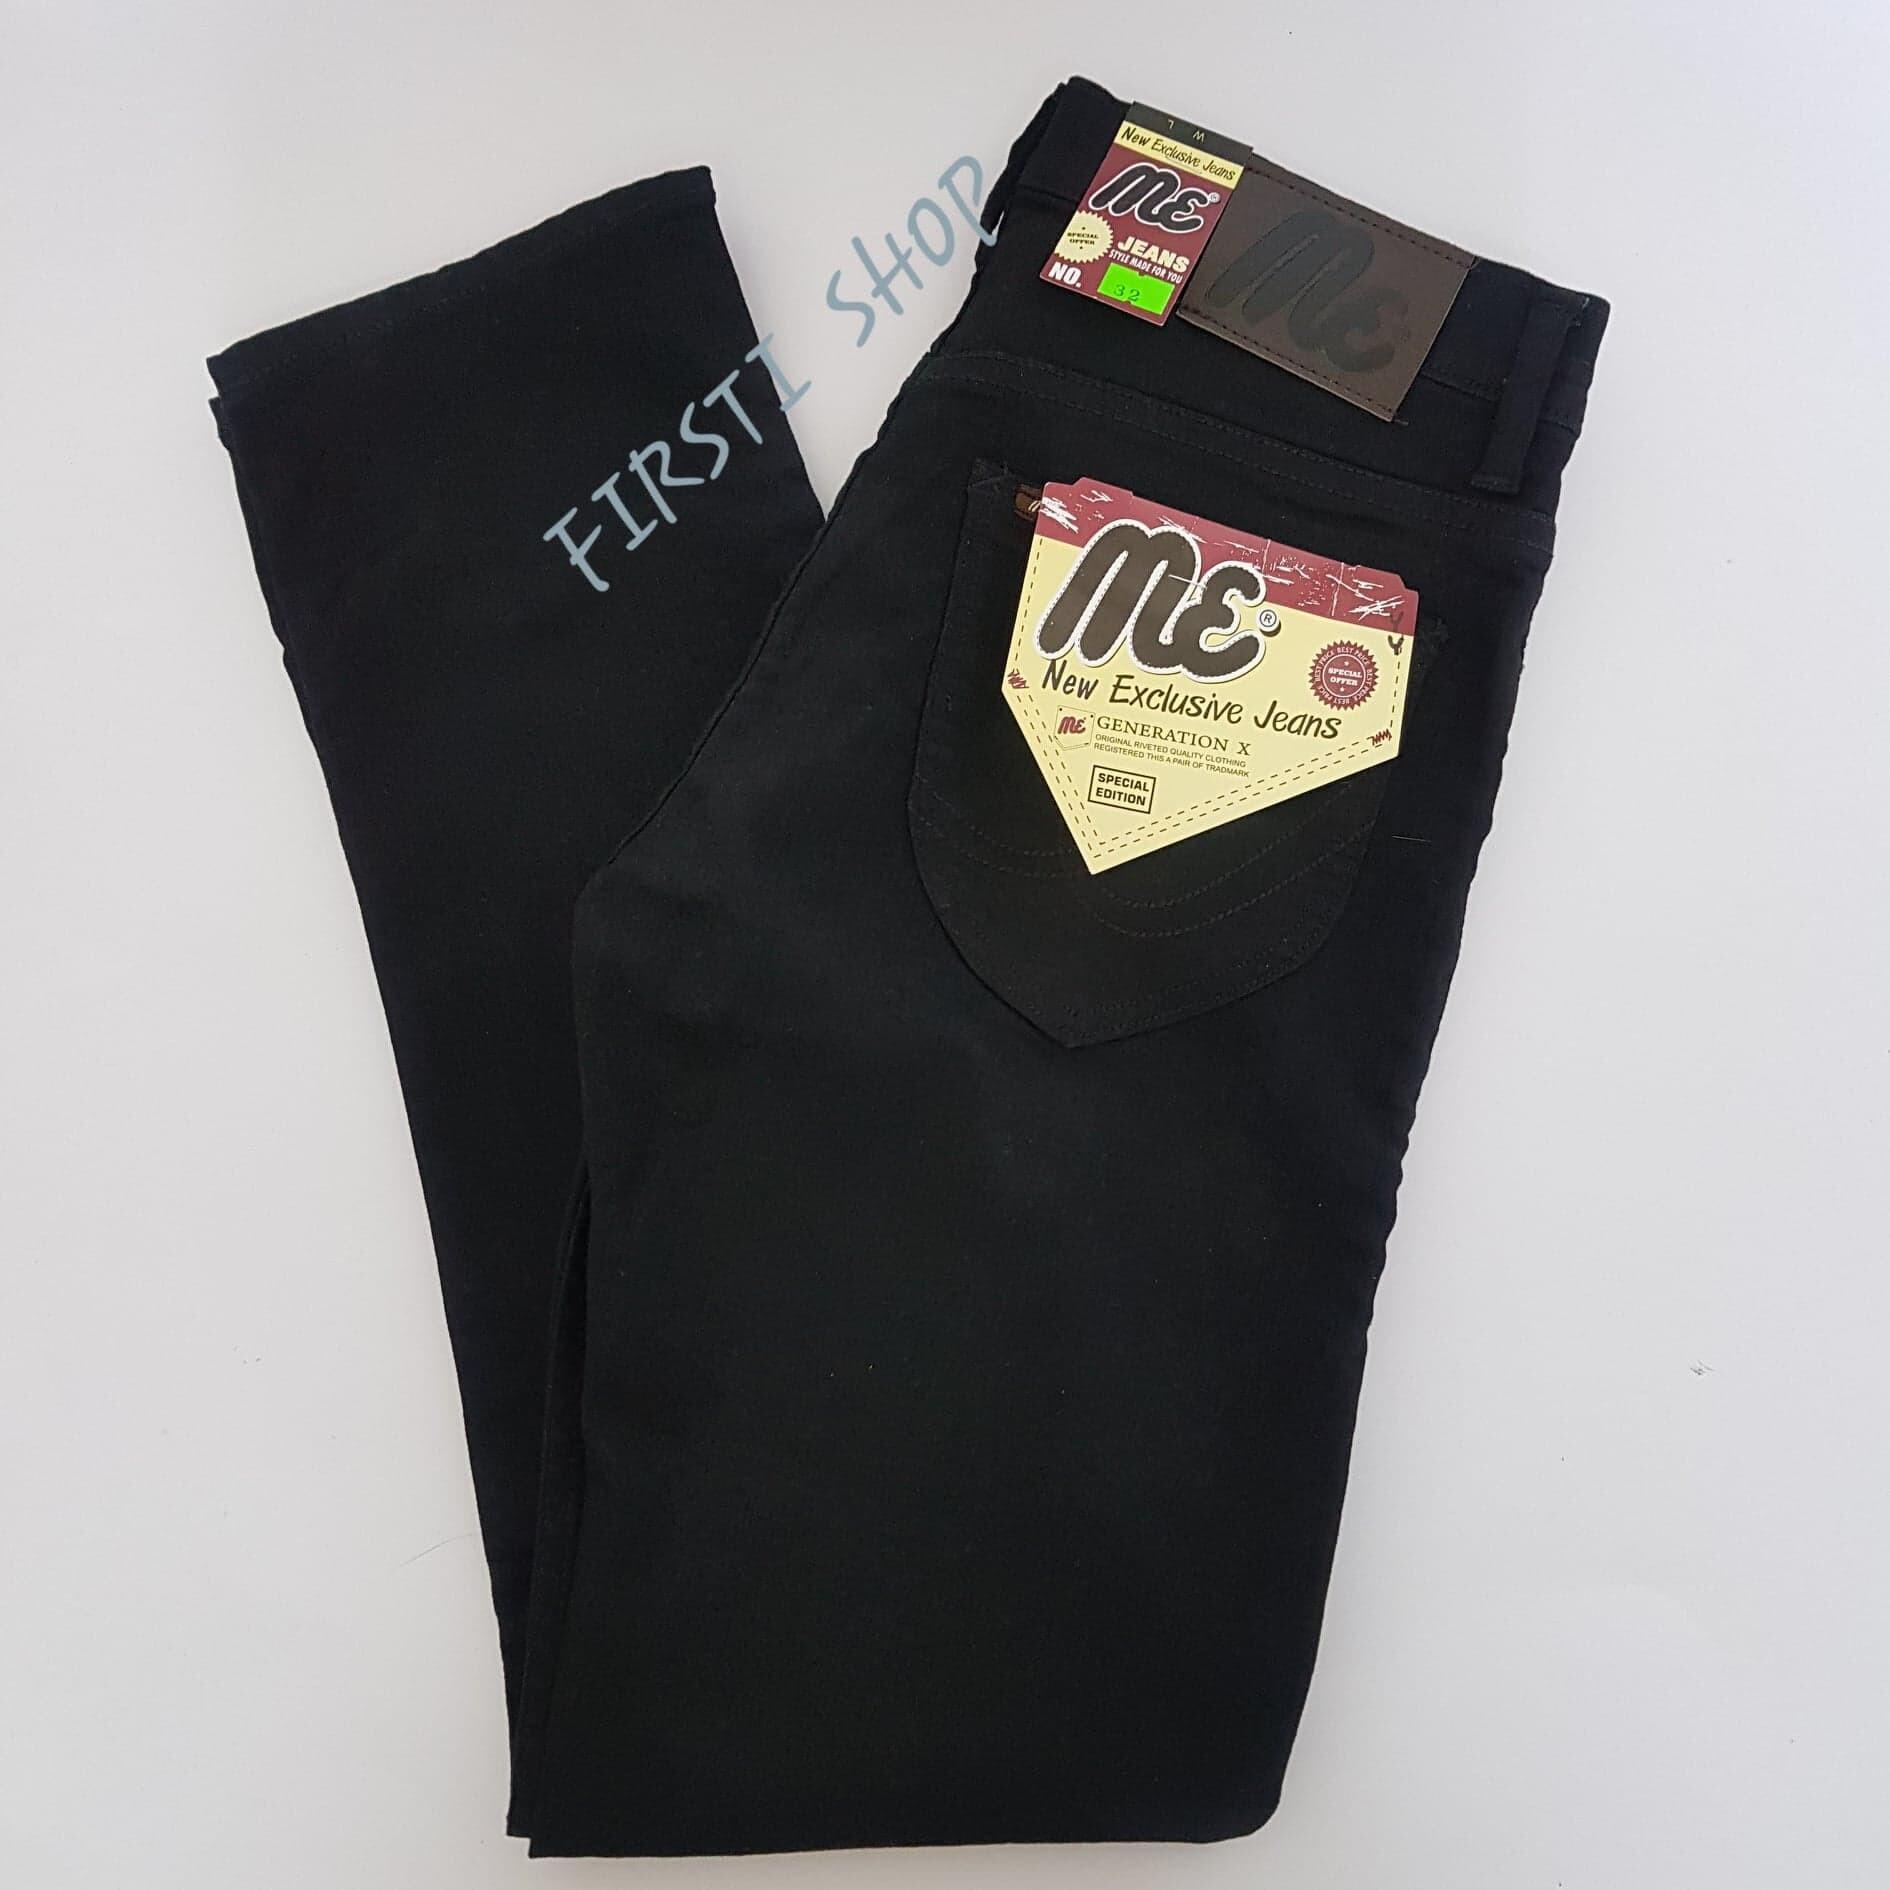 กางเกงยีนส์ผู้ชาย ขากระบอกเล็กผ้ายืด Me New Exclusive (สีดำ)สินค้ดีราคาถูก.